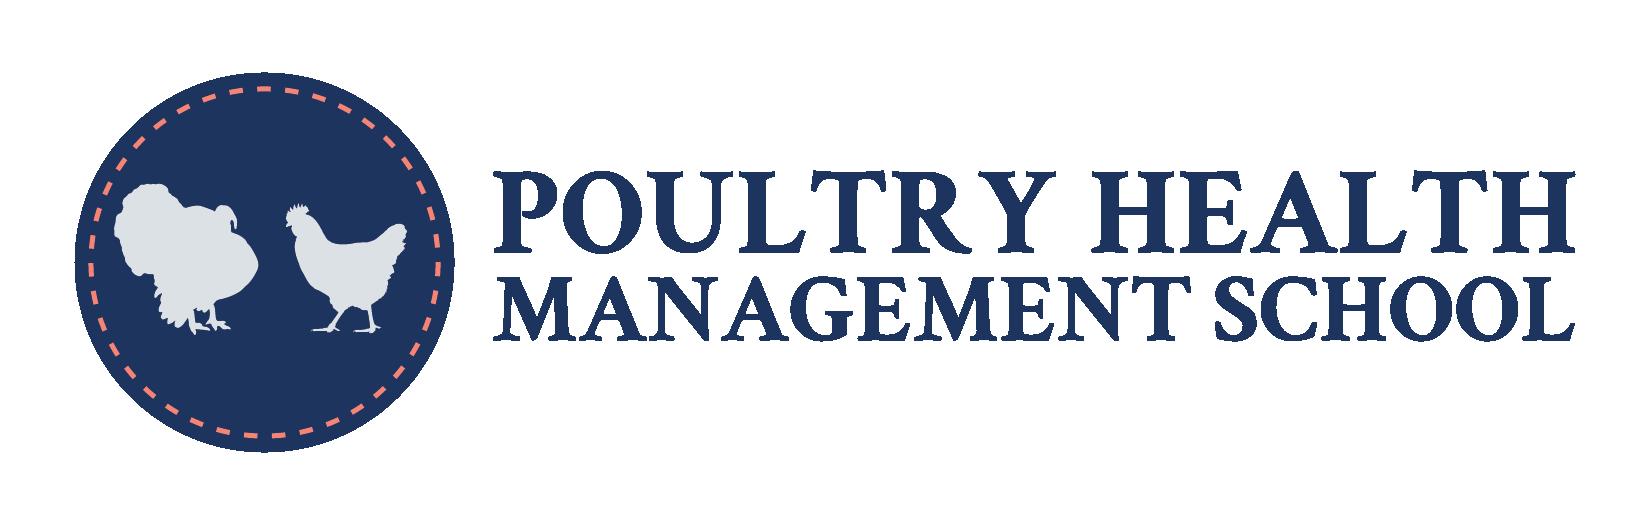 Poultry Health Management Schools